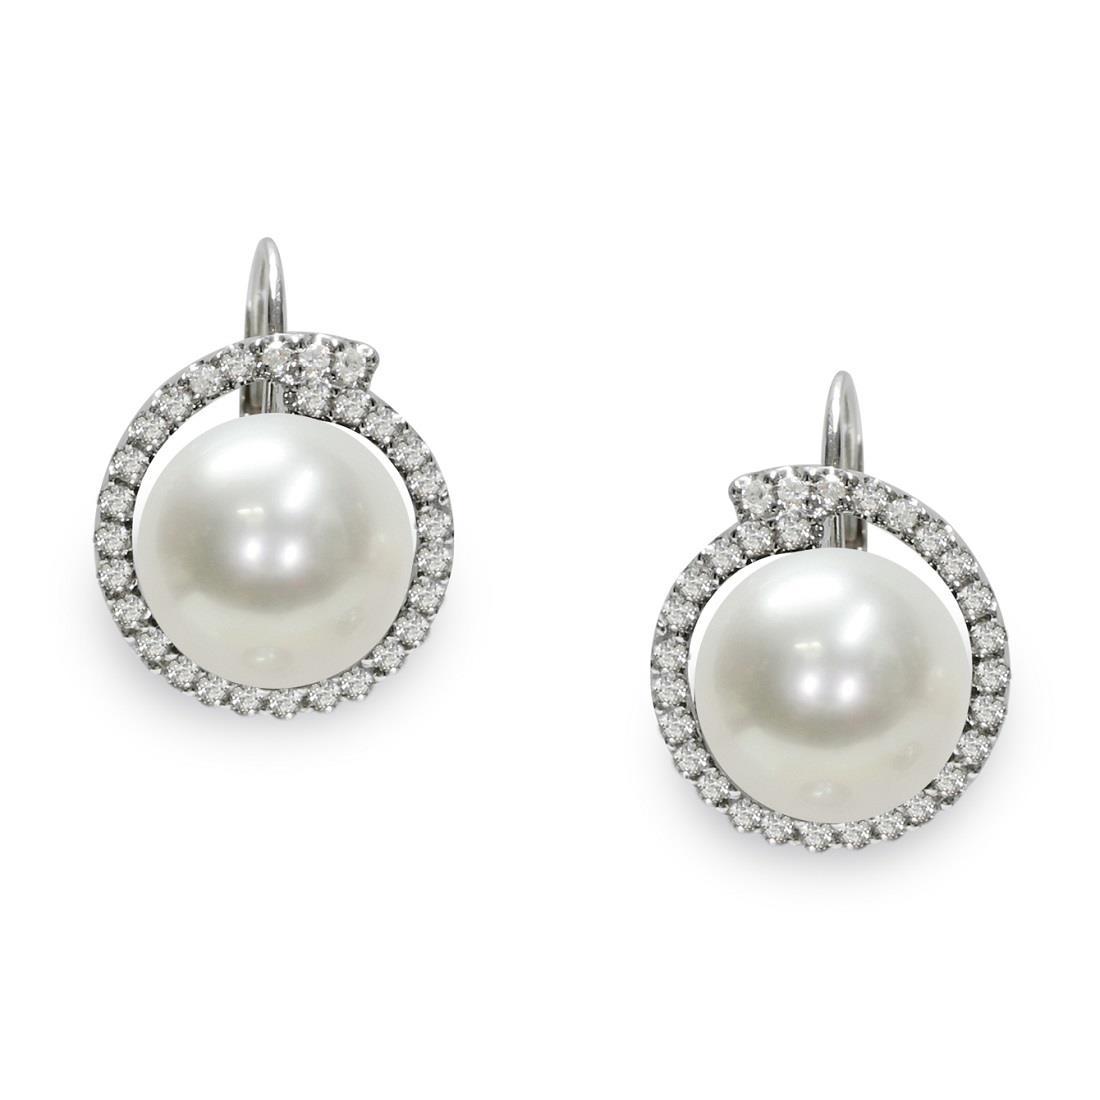 Orecchini con diamanti e perle - MAYUMI